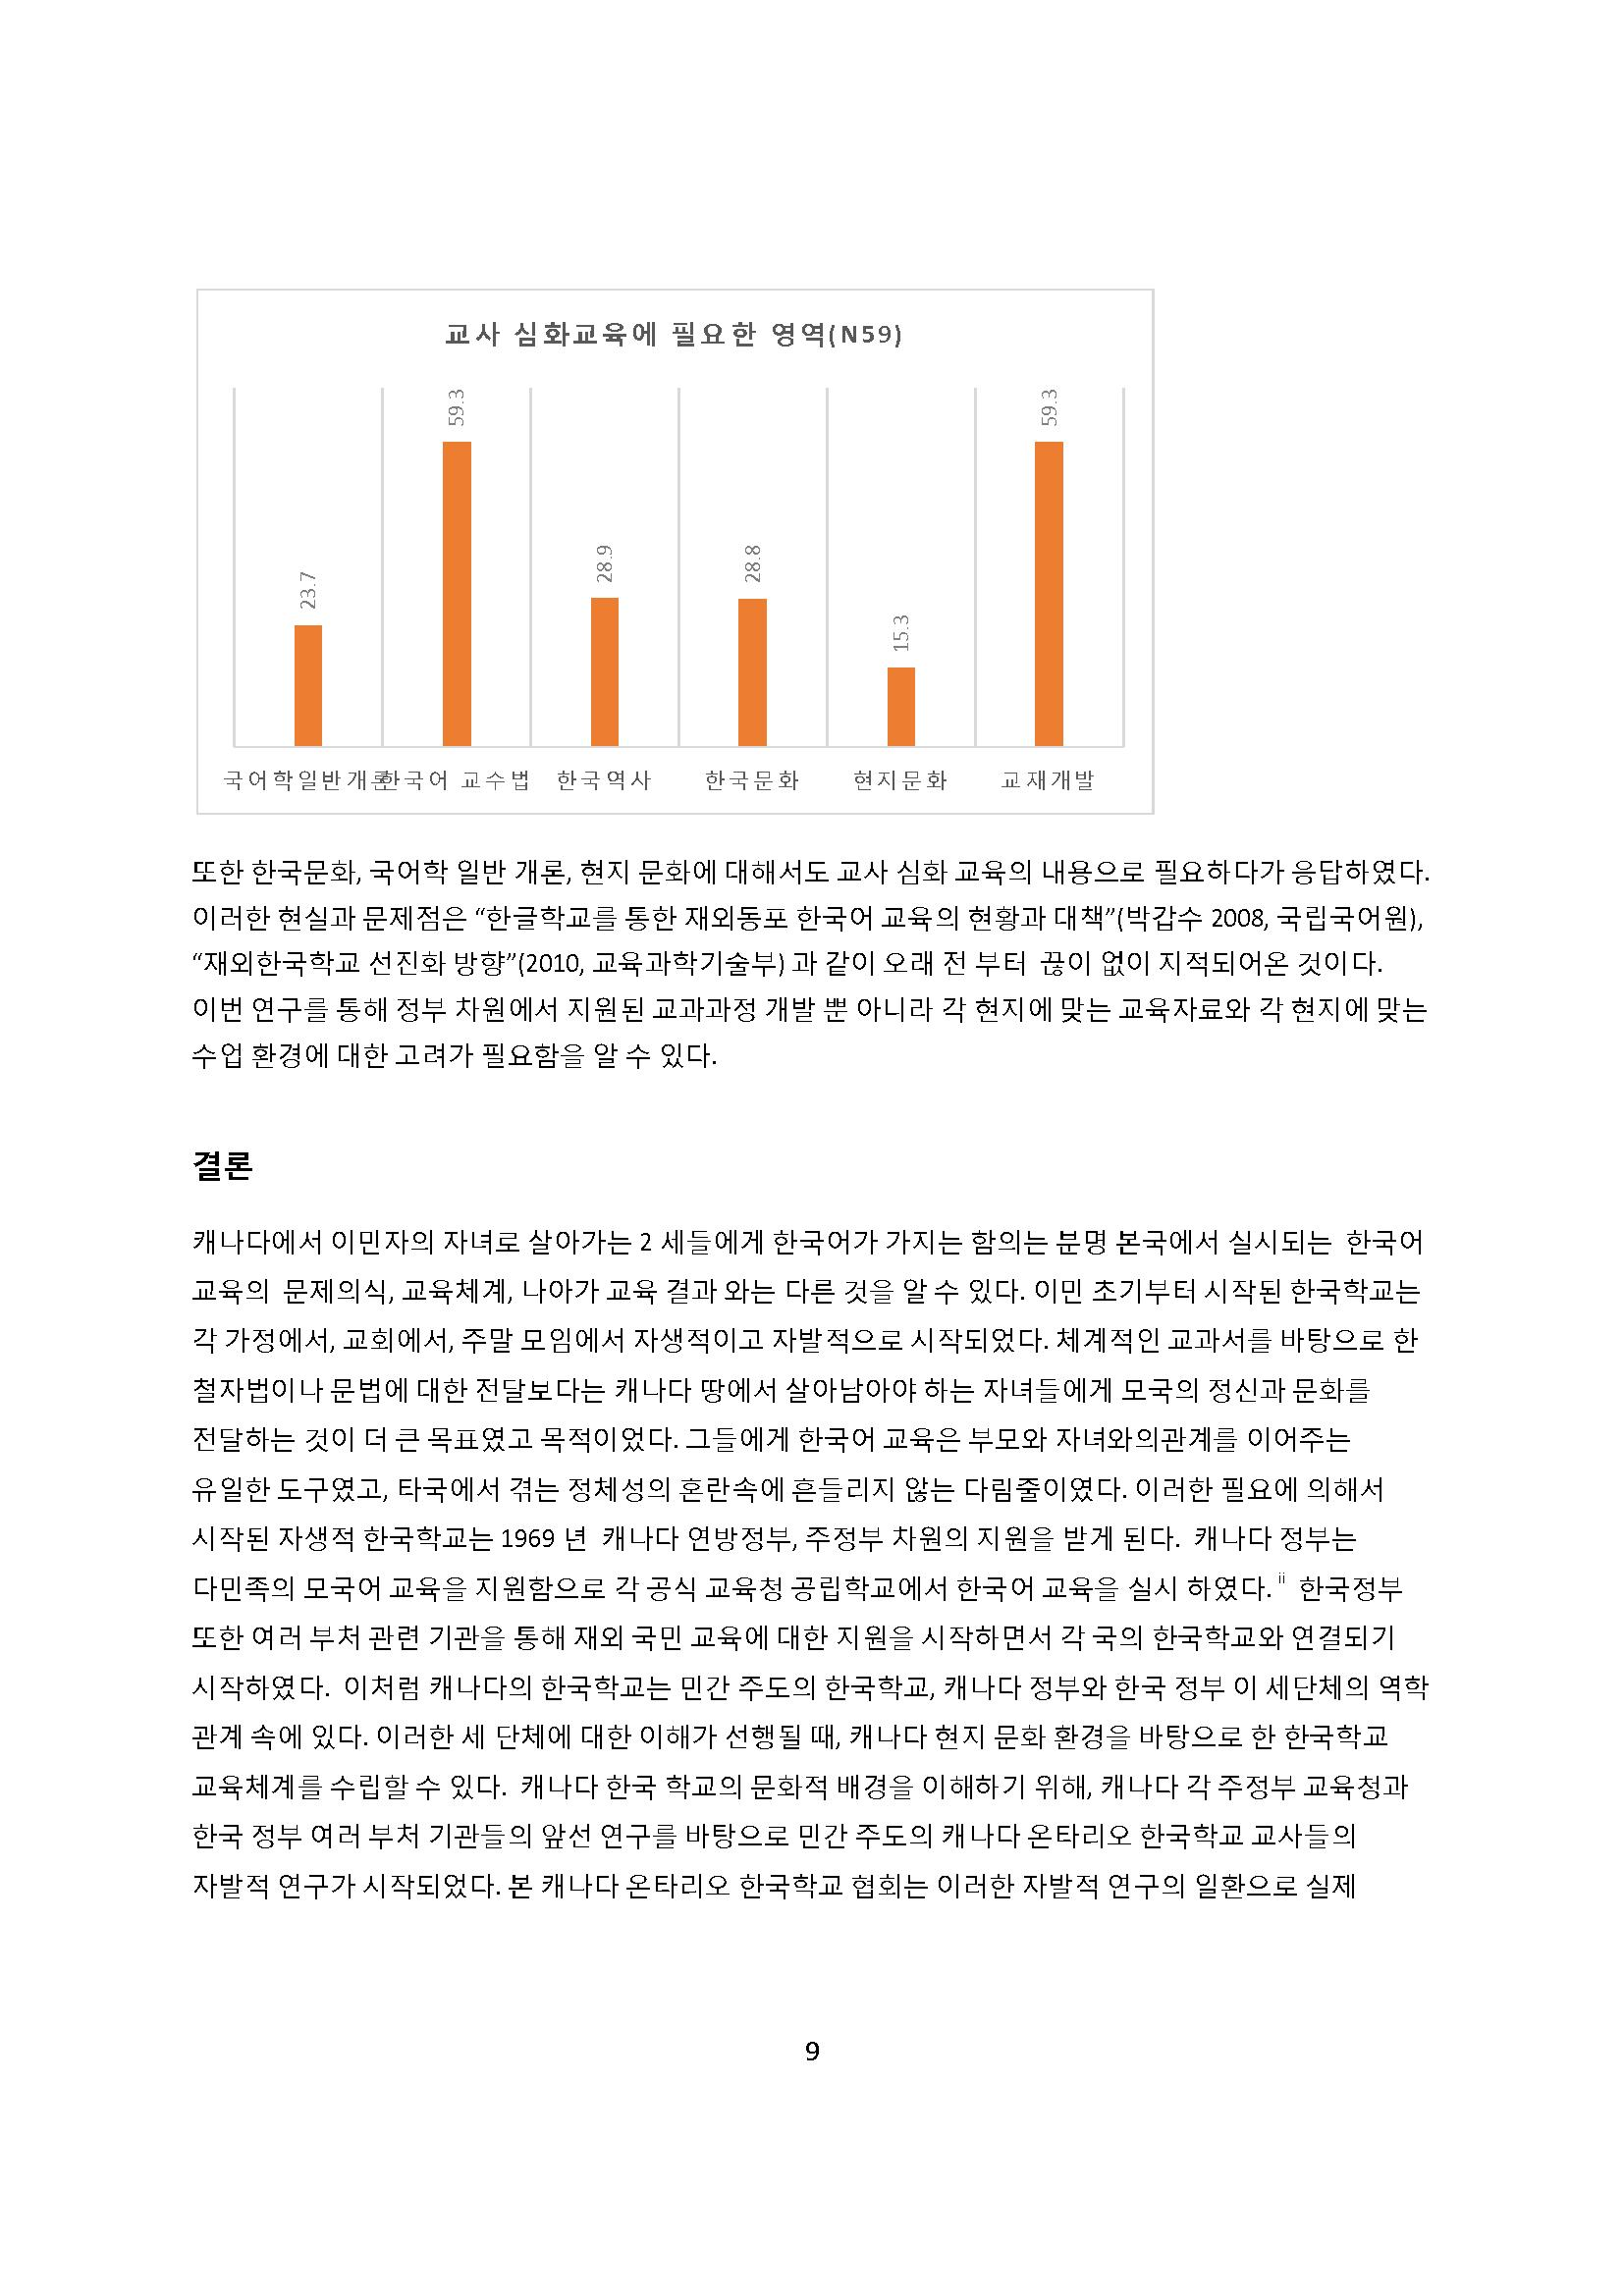 설문지 연구보고서_홈페이지 보관용__9